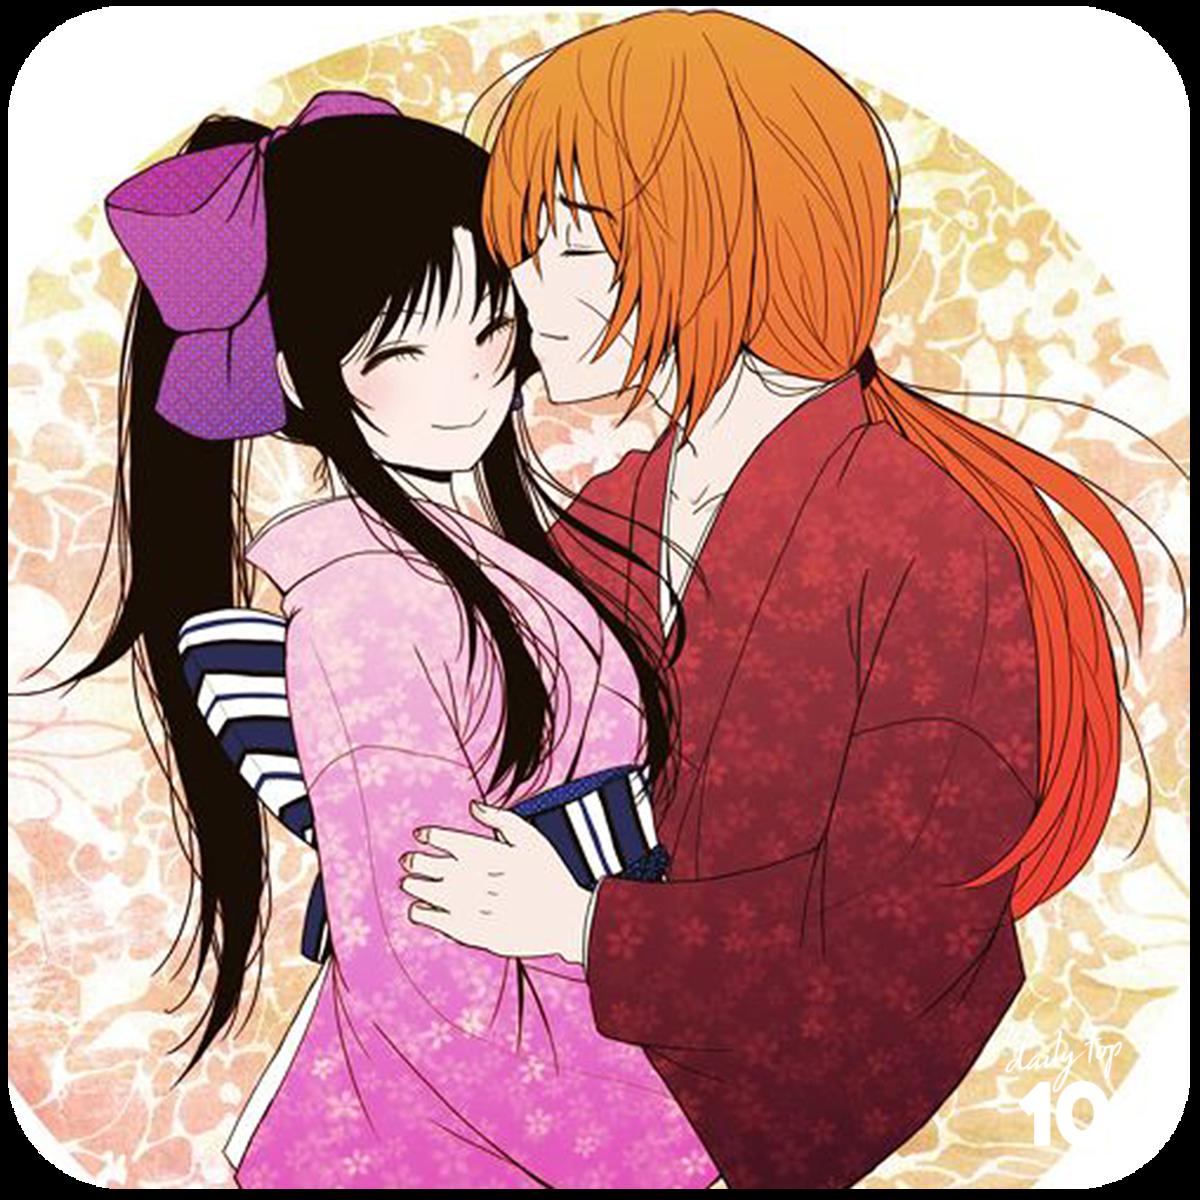 Kenshin kissing Kaoru's forehead